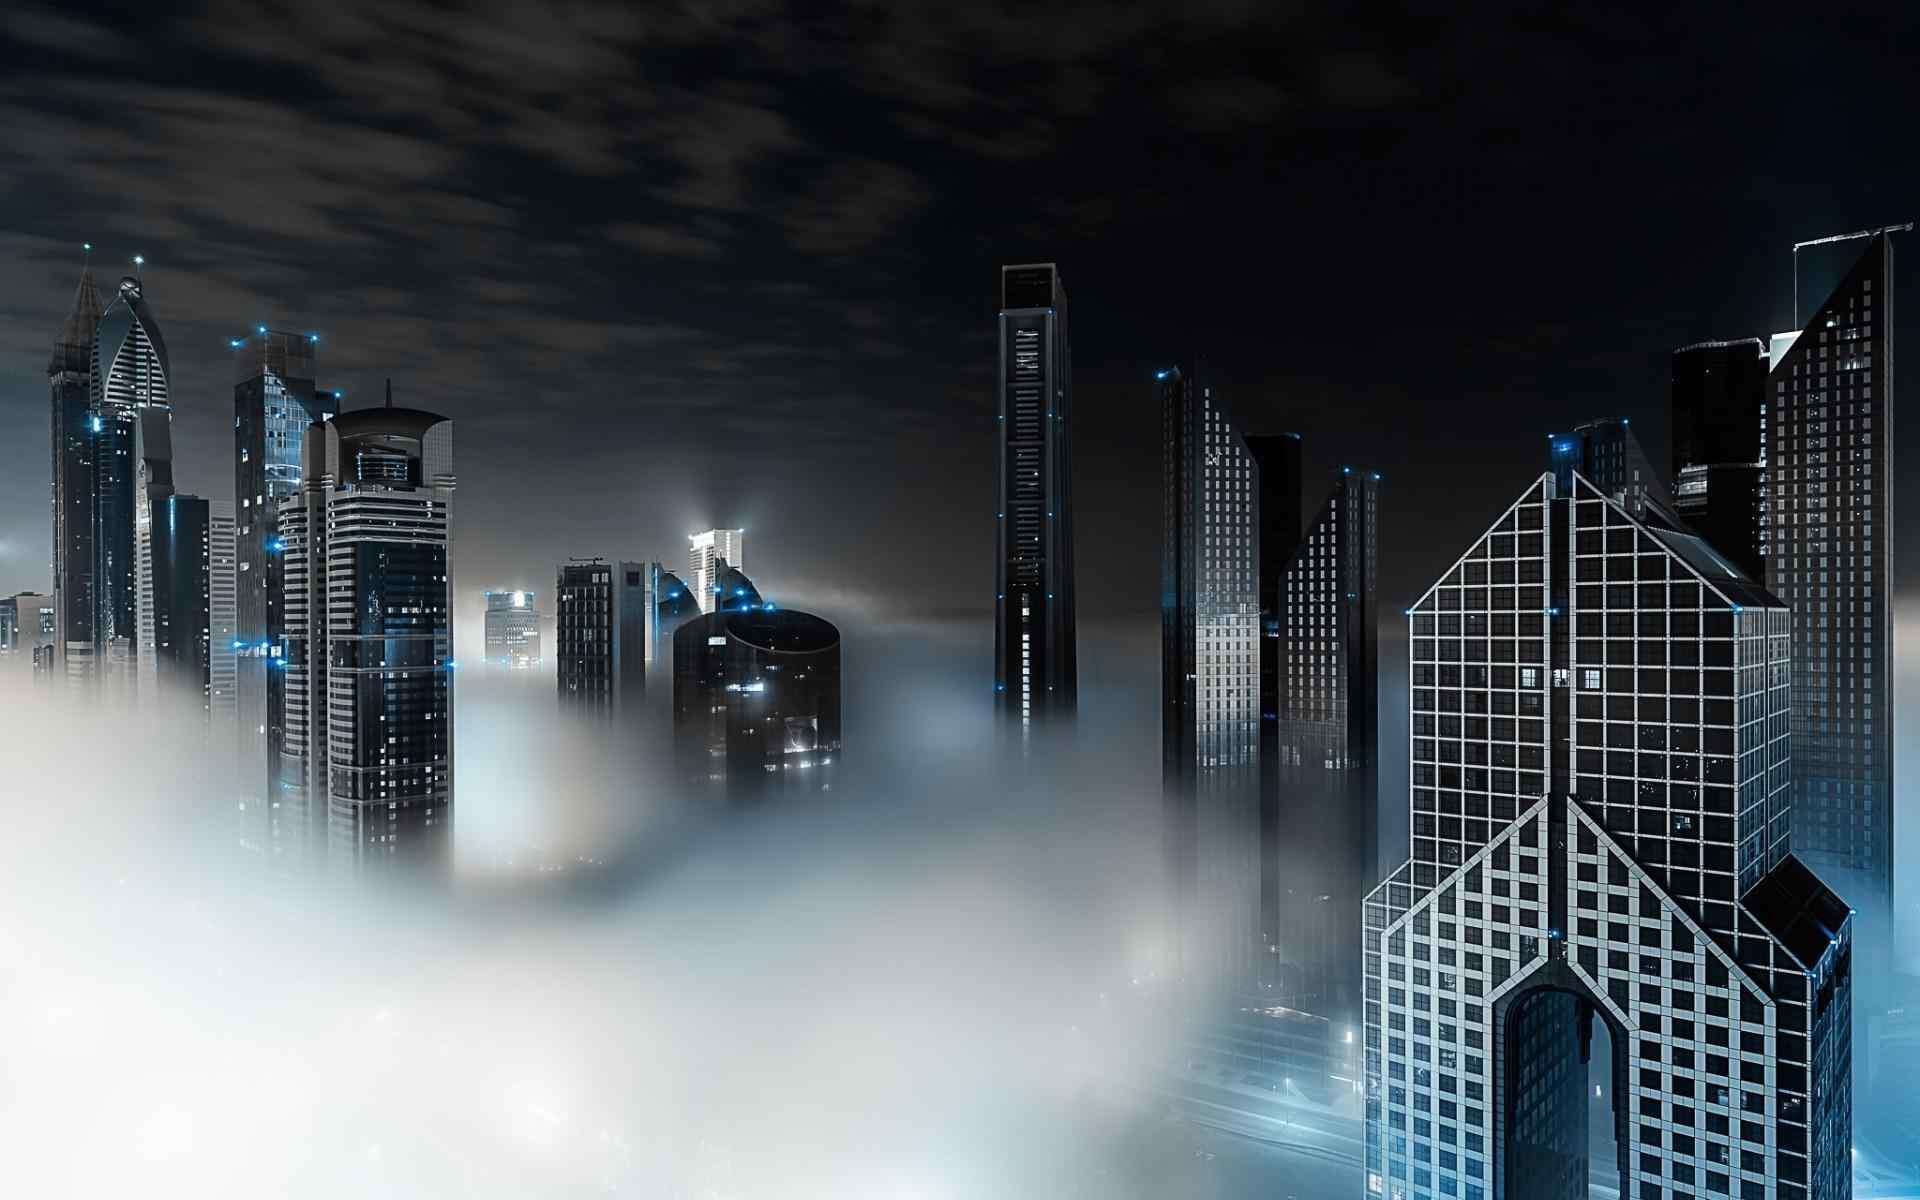 夜幕下迷雾缭绕的迪拜高清壁纸